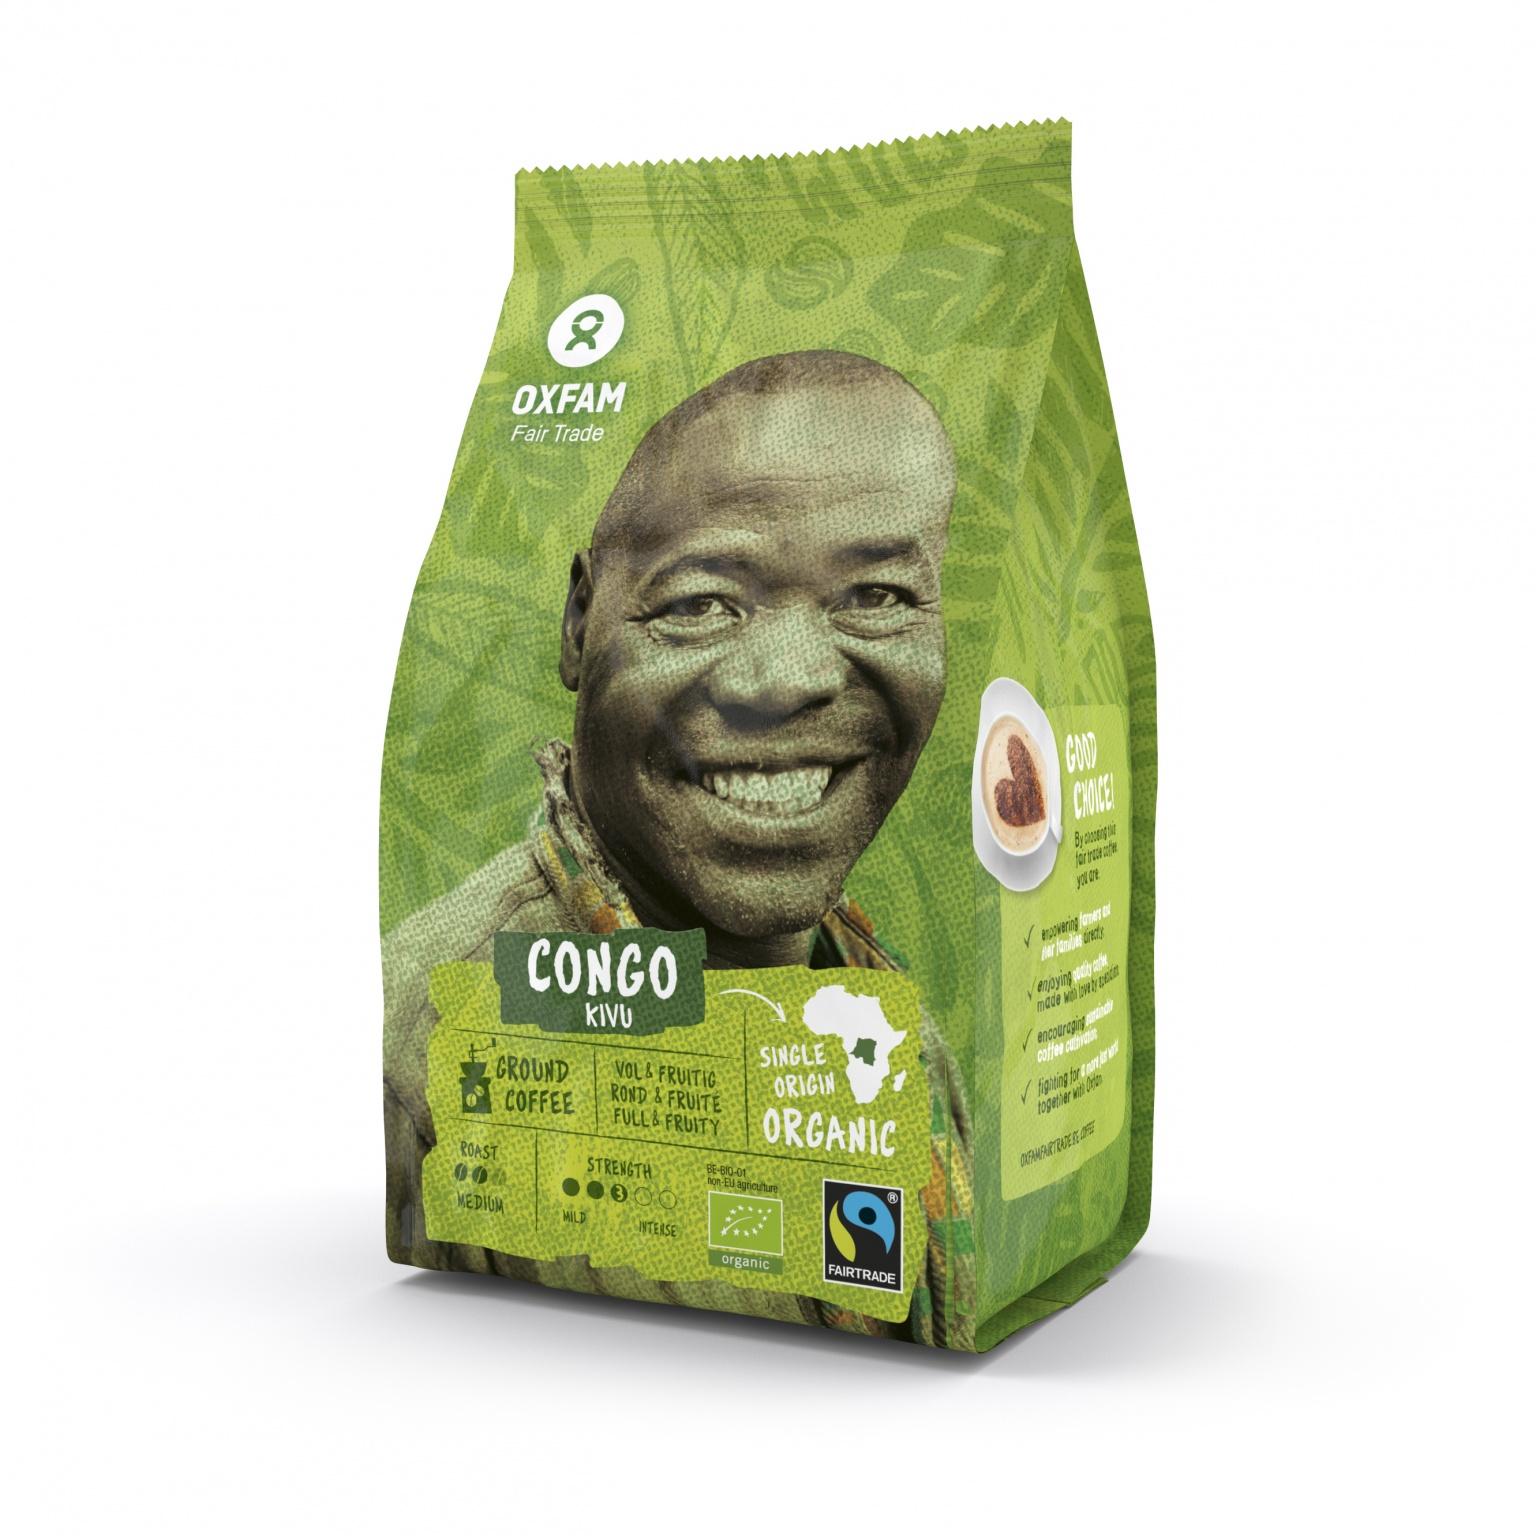 Oxfam Fair Trade 22029